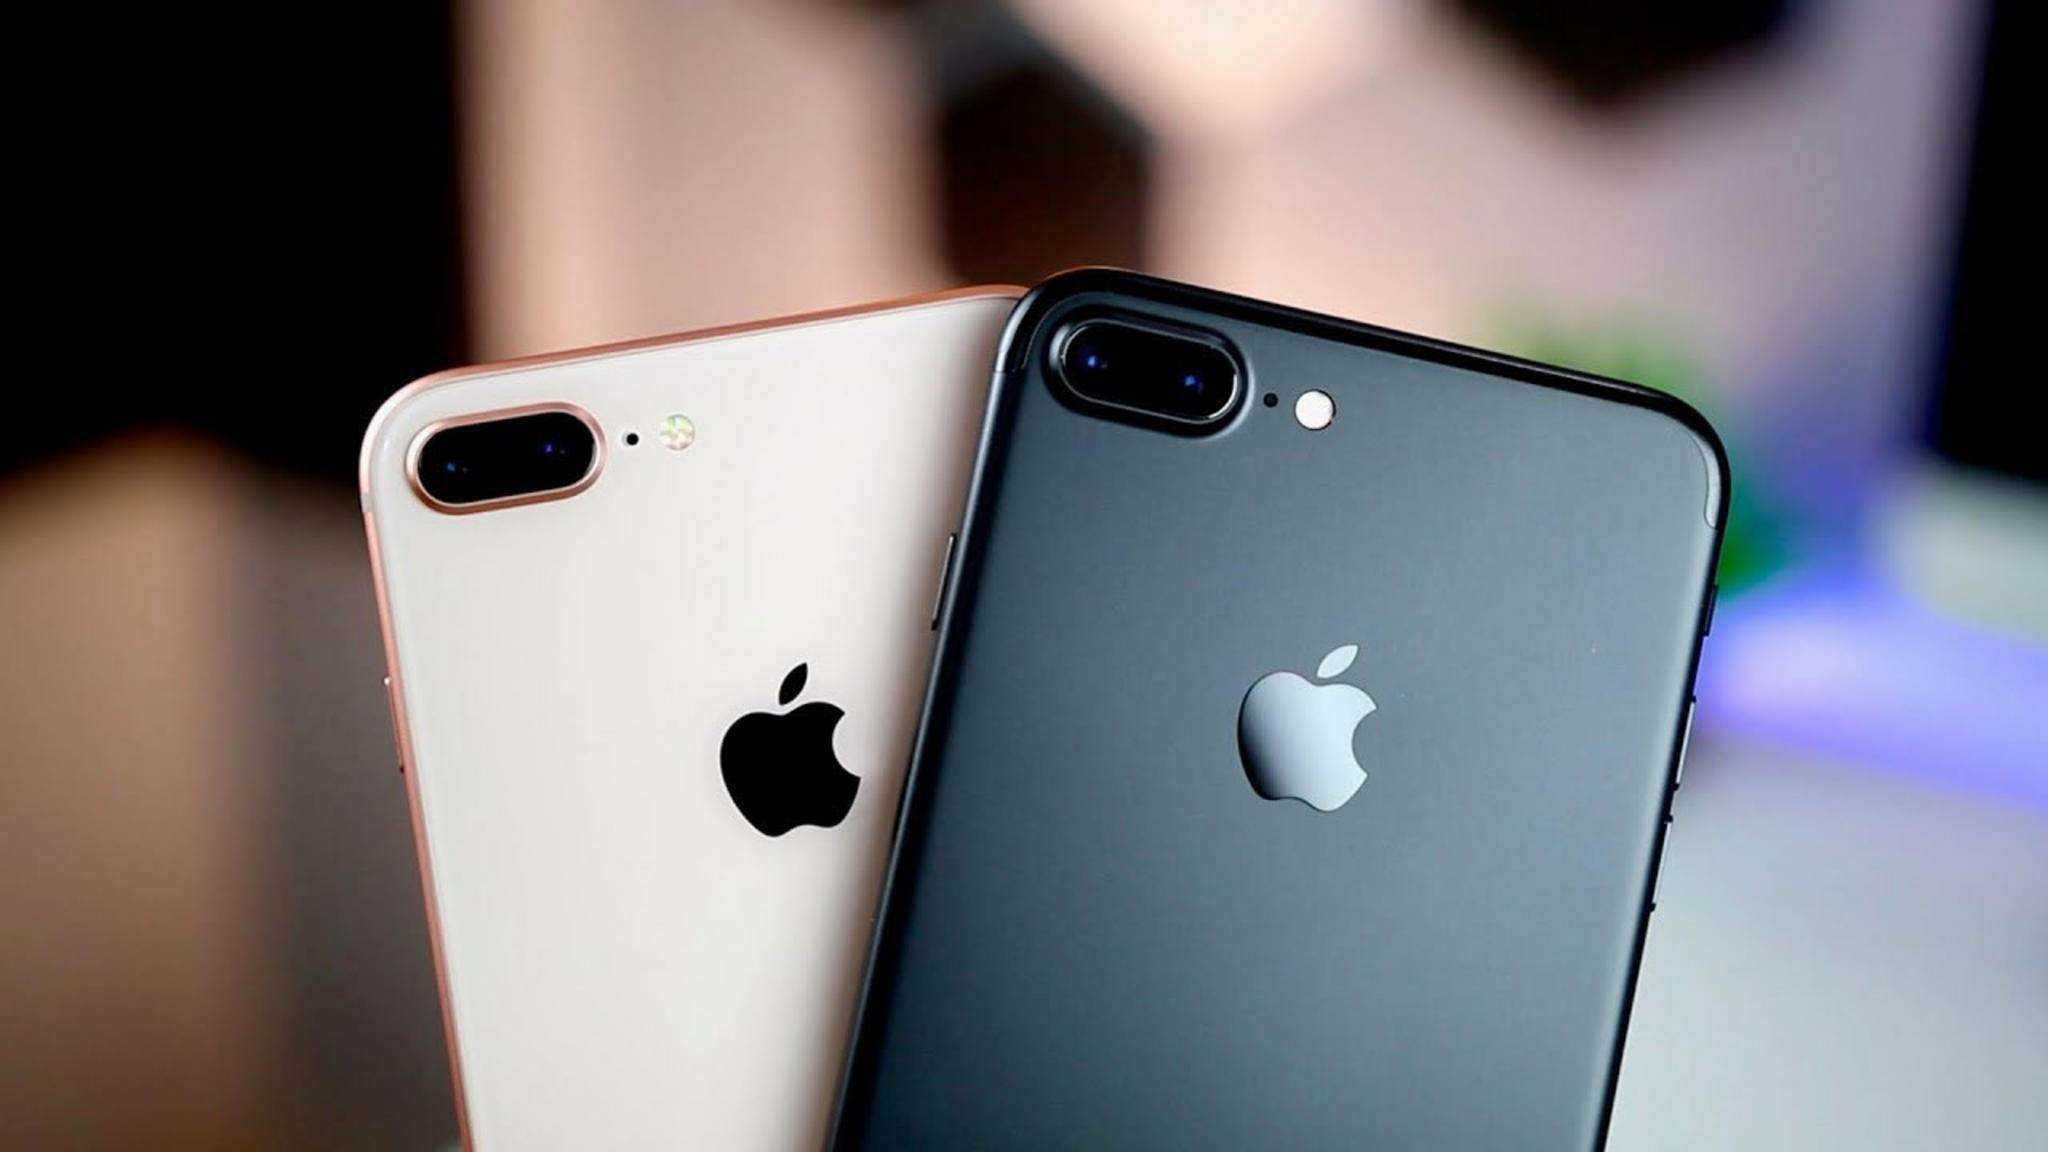 Könnten bald wieder offiziell in Deutschland verkauft werden: Das iPhone 7 Plus und das iPhone 8 Plus.